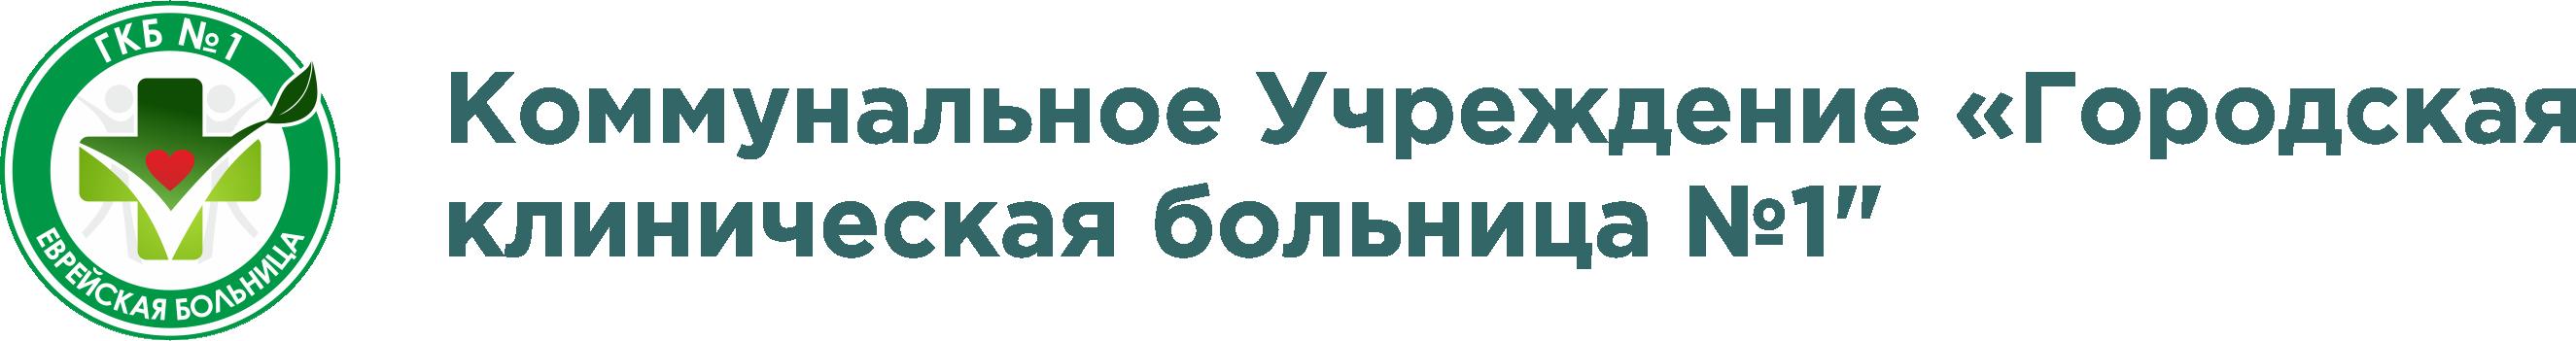 Коммунальная установа «Городская клиническая больница №1»